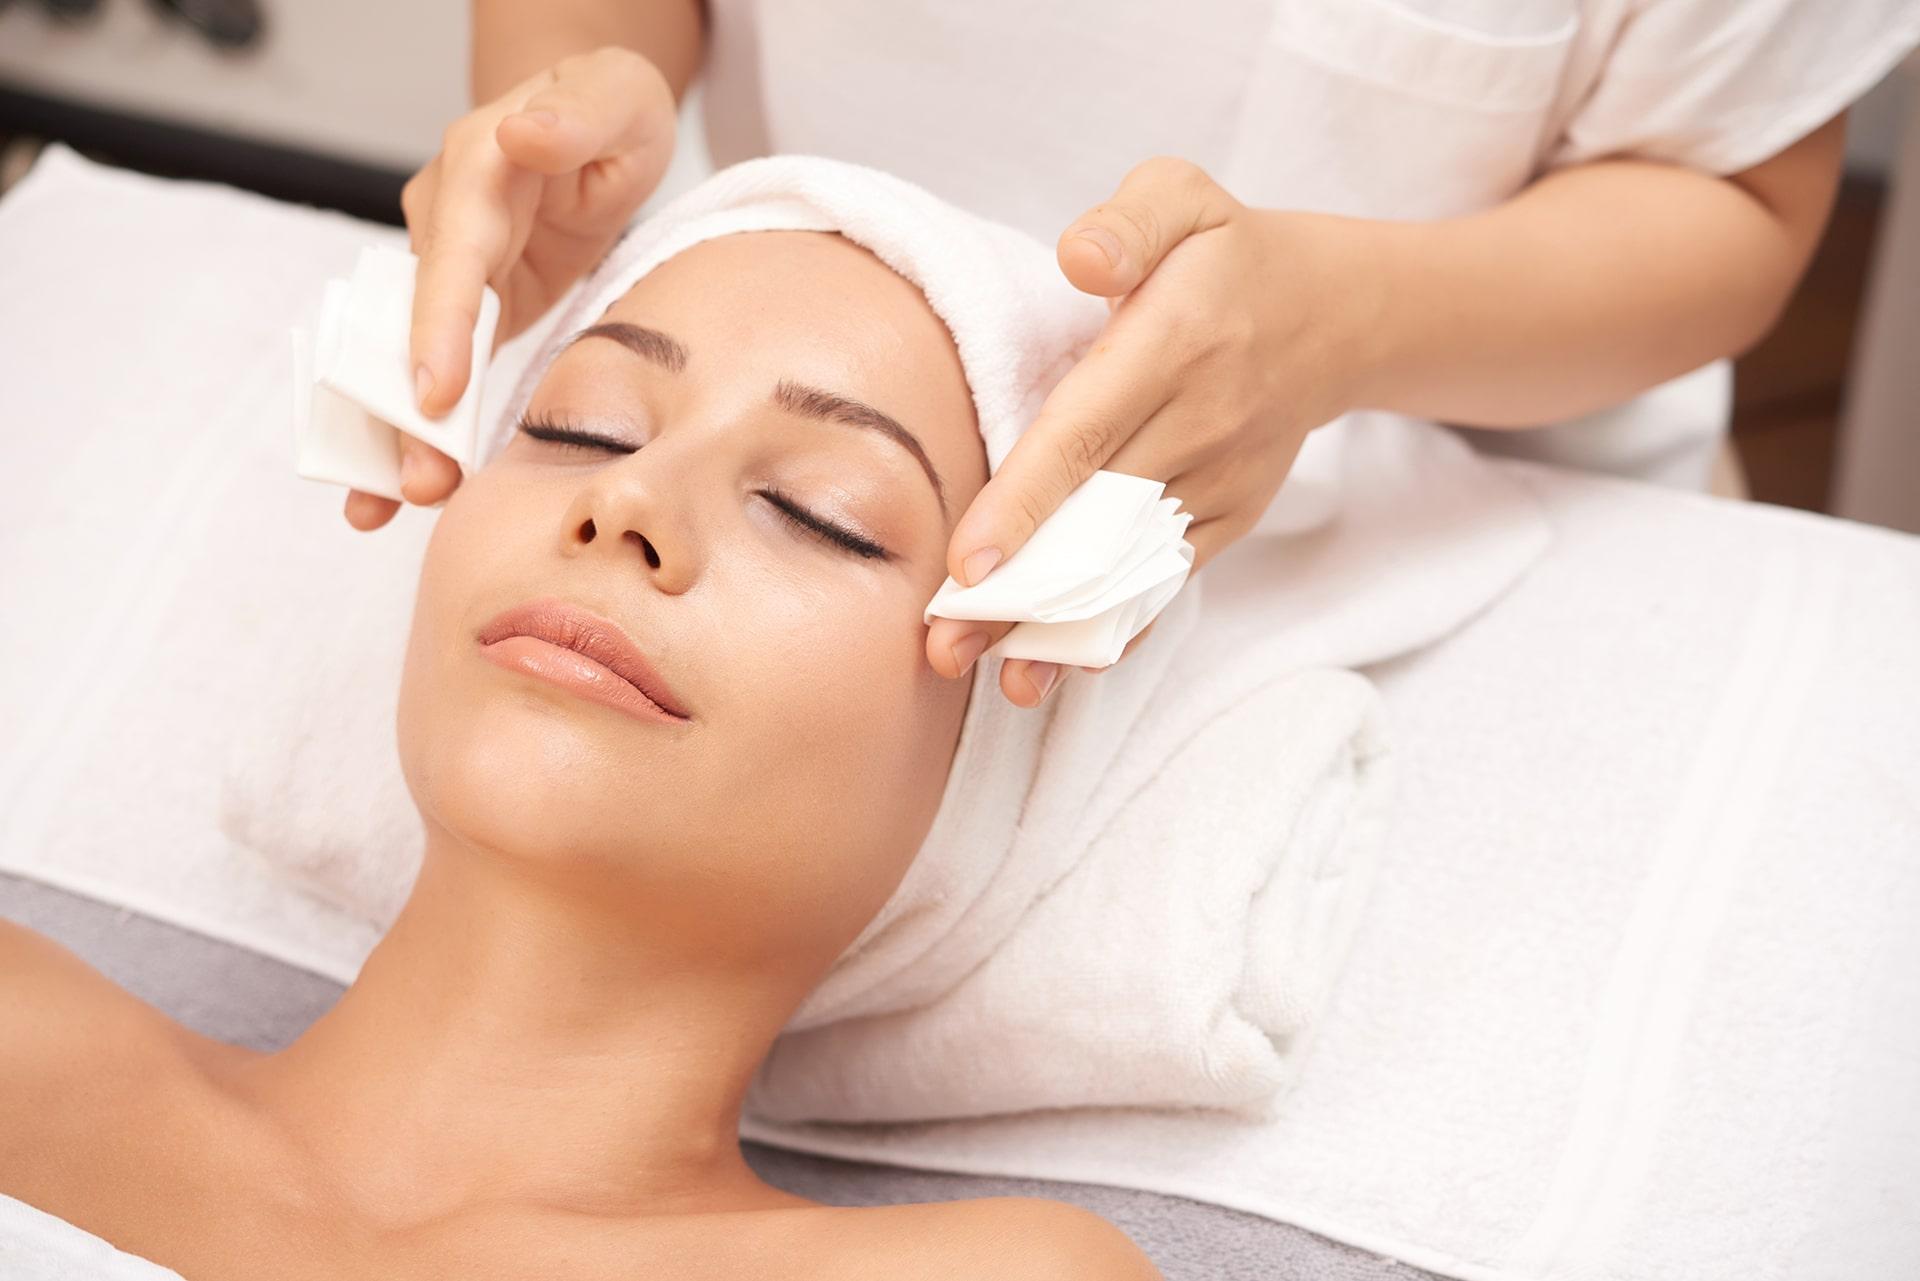 El poder de la exfoliación química: un remedio antienvejecimiento para la piel I